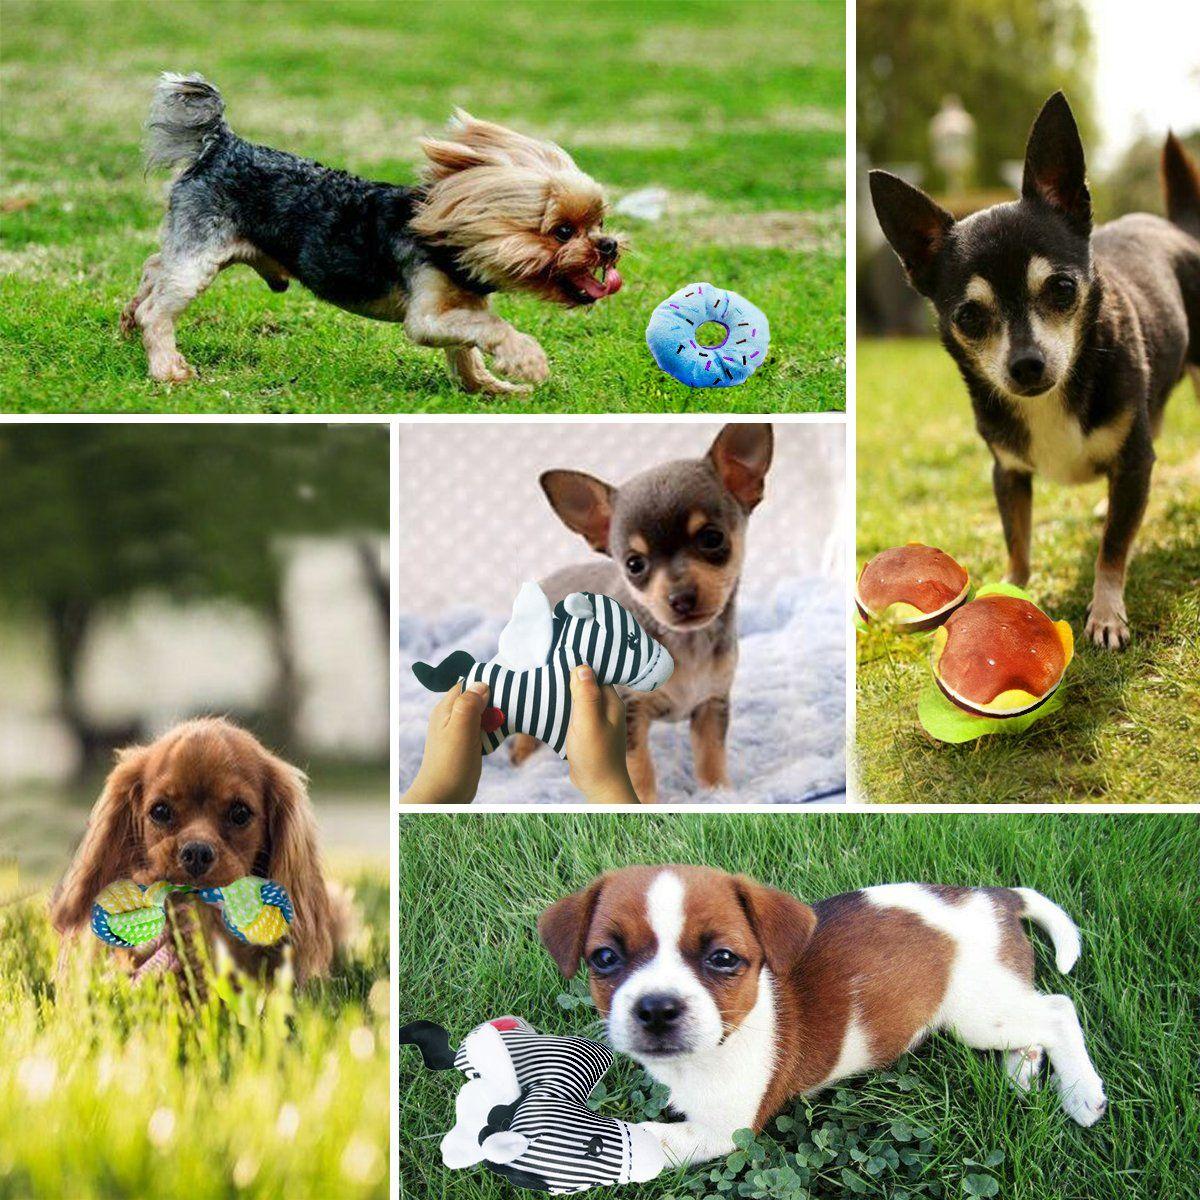 Buibiiu Dog Toys Dog Teething Toys Best Puppy Chew Toys Dog Chew Toys Squeaky Toys Balls Toys Teething Buibiiu Small Dog Toys Dog Toys Puppy Chew Toys